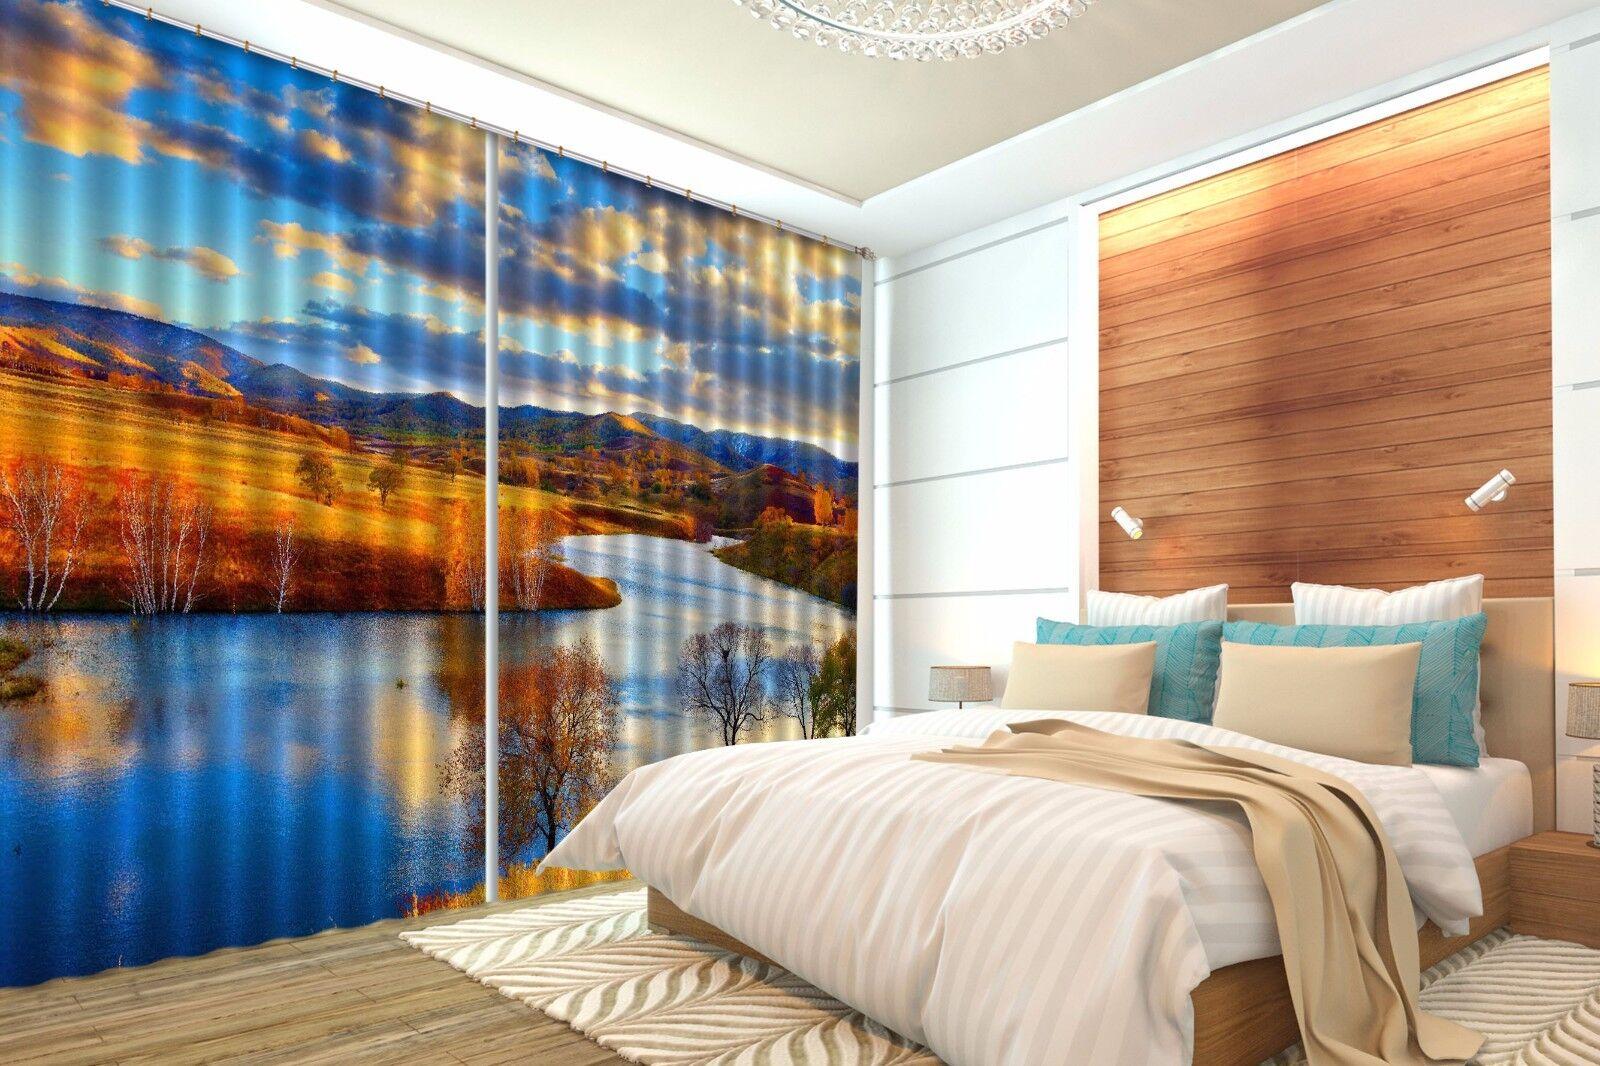 Vista de Río 3D 9 Cortinas de impresión de cortina de foto Blockout Cortinas Ventana De Tela nos